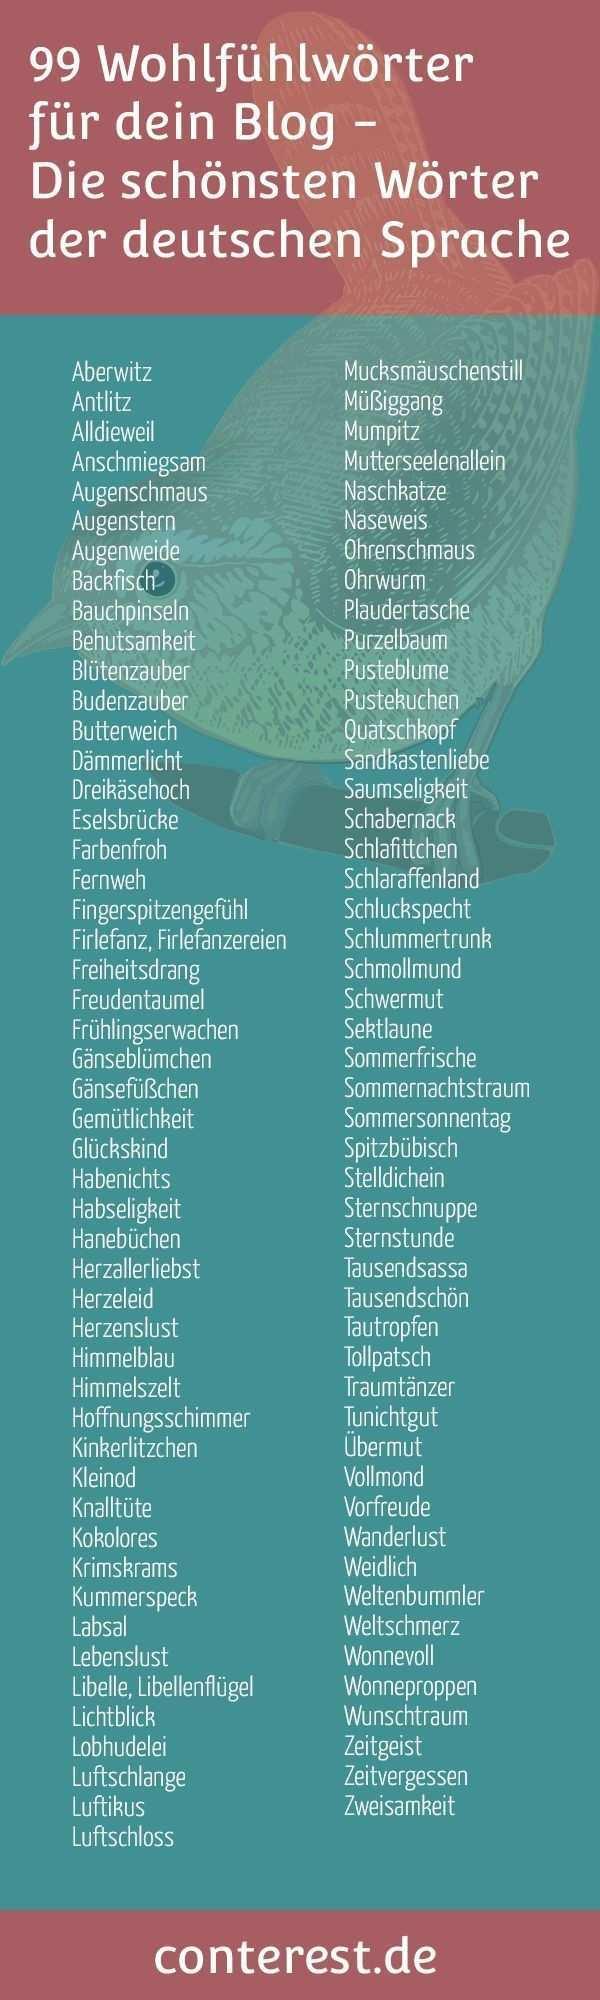 Wohlfuhlworter Fur Dein Blog Die Schonsten Worter Der Deutschen Sprache Conterest Deutsche Sprache Worter Fremdworter